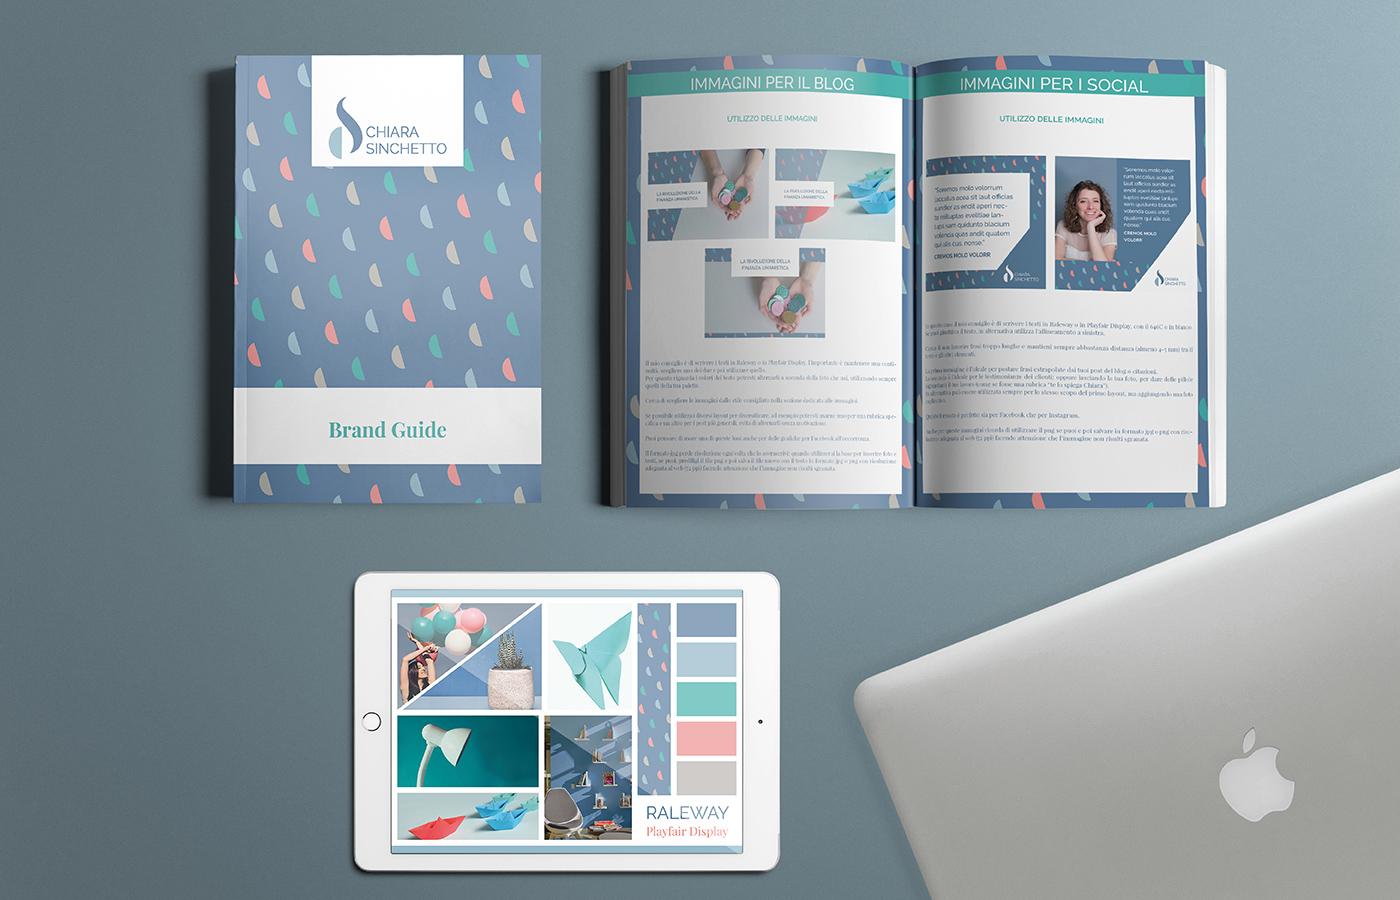 Chiara Sinchetto Identità visiva brandguide e moodboard di Laura Calascibetta graphic designer